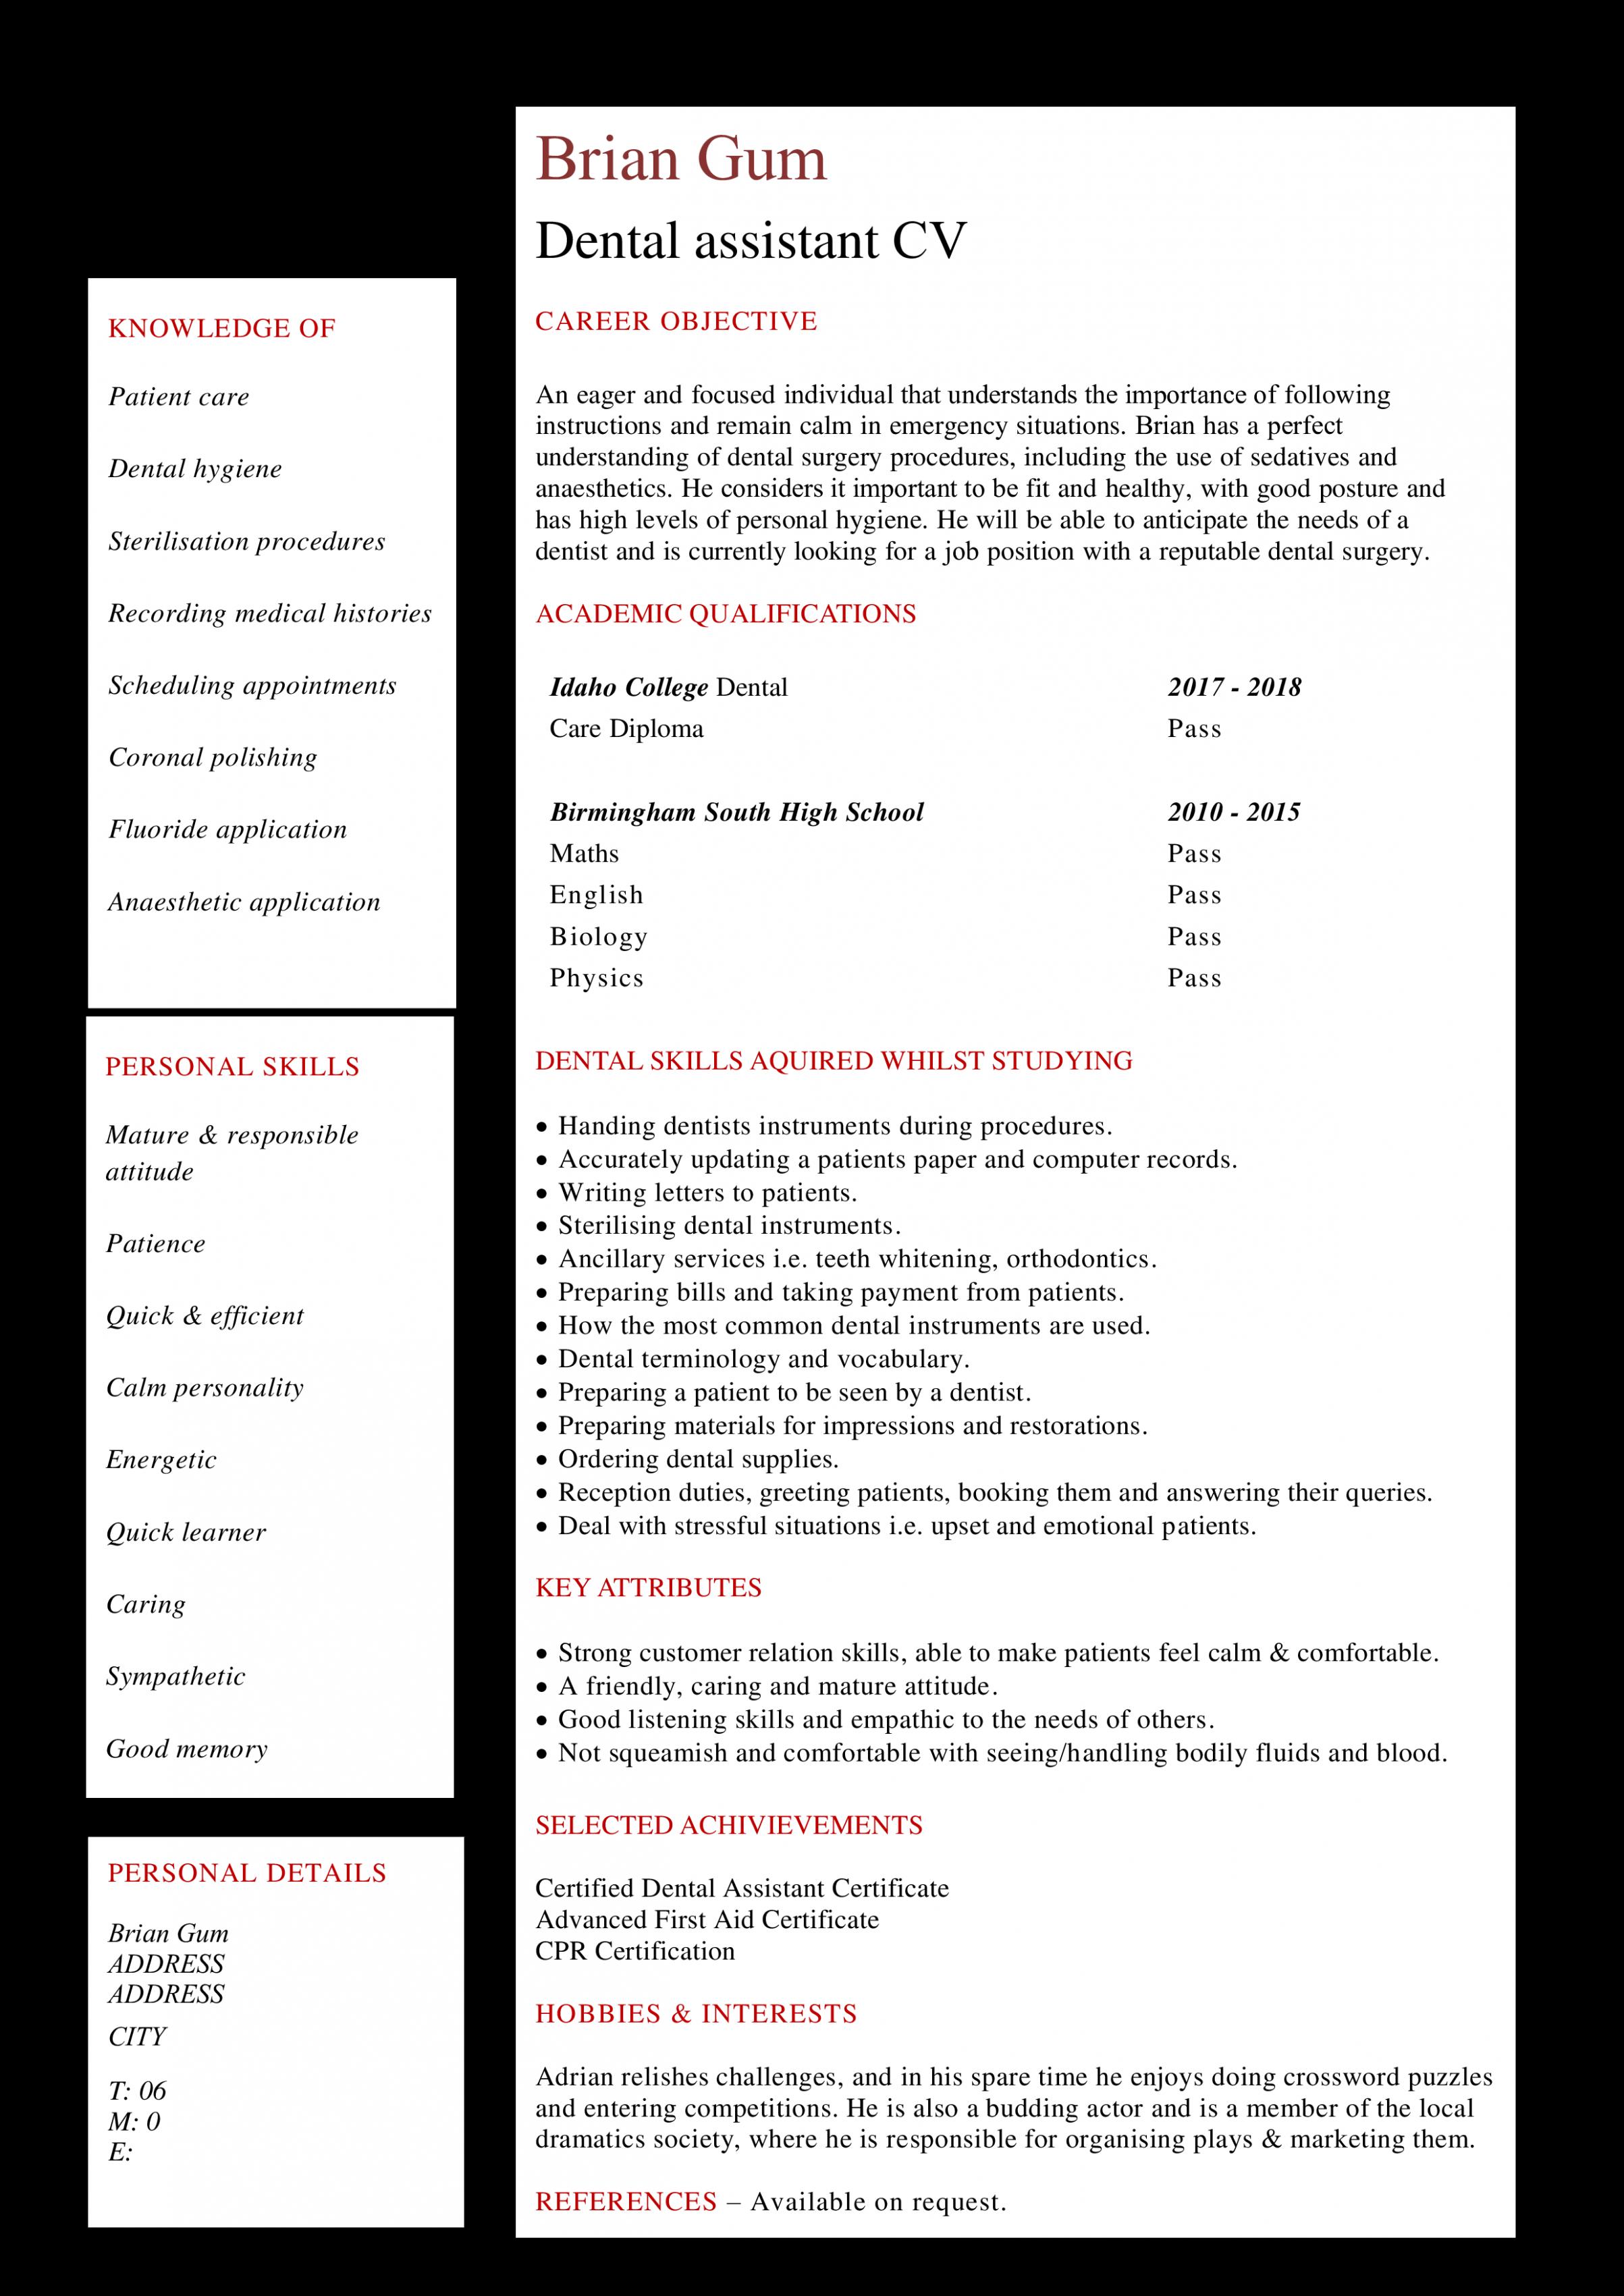 10 Curriculum Clean Resume Crossword in 2020 Curriculum